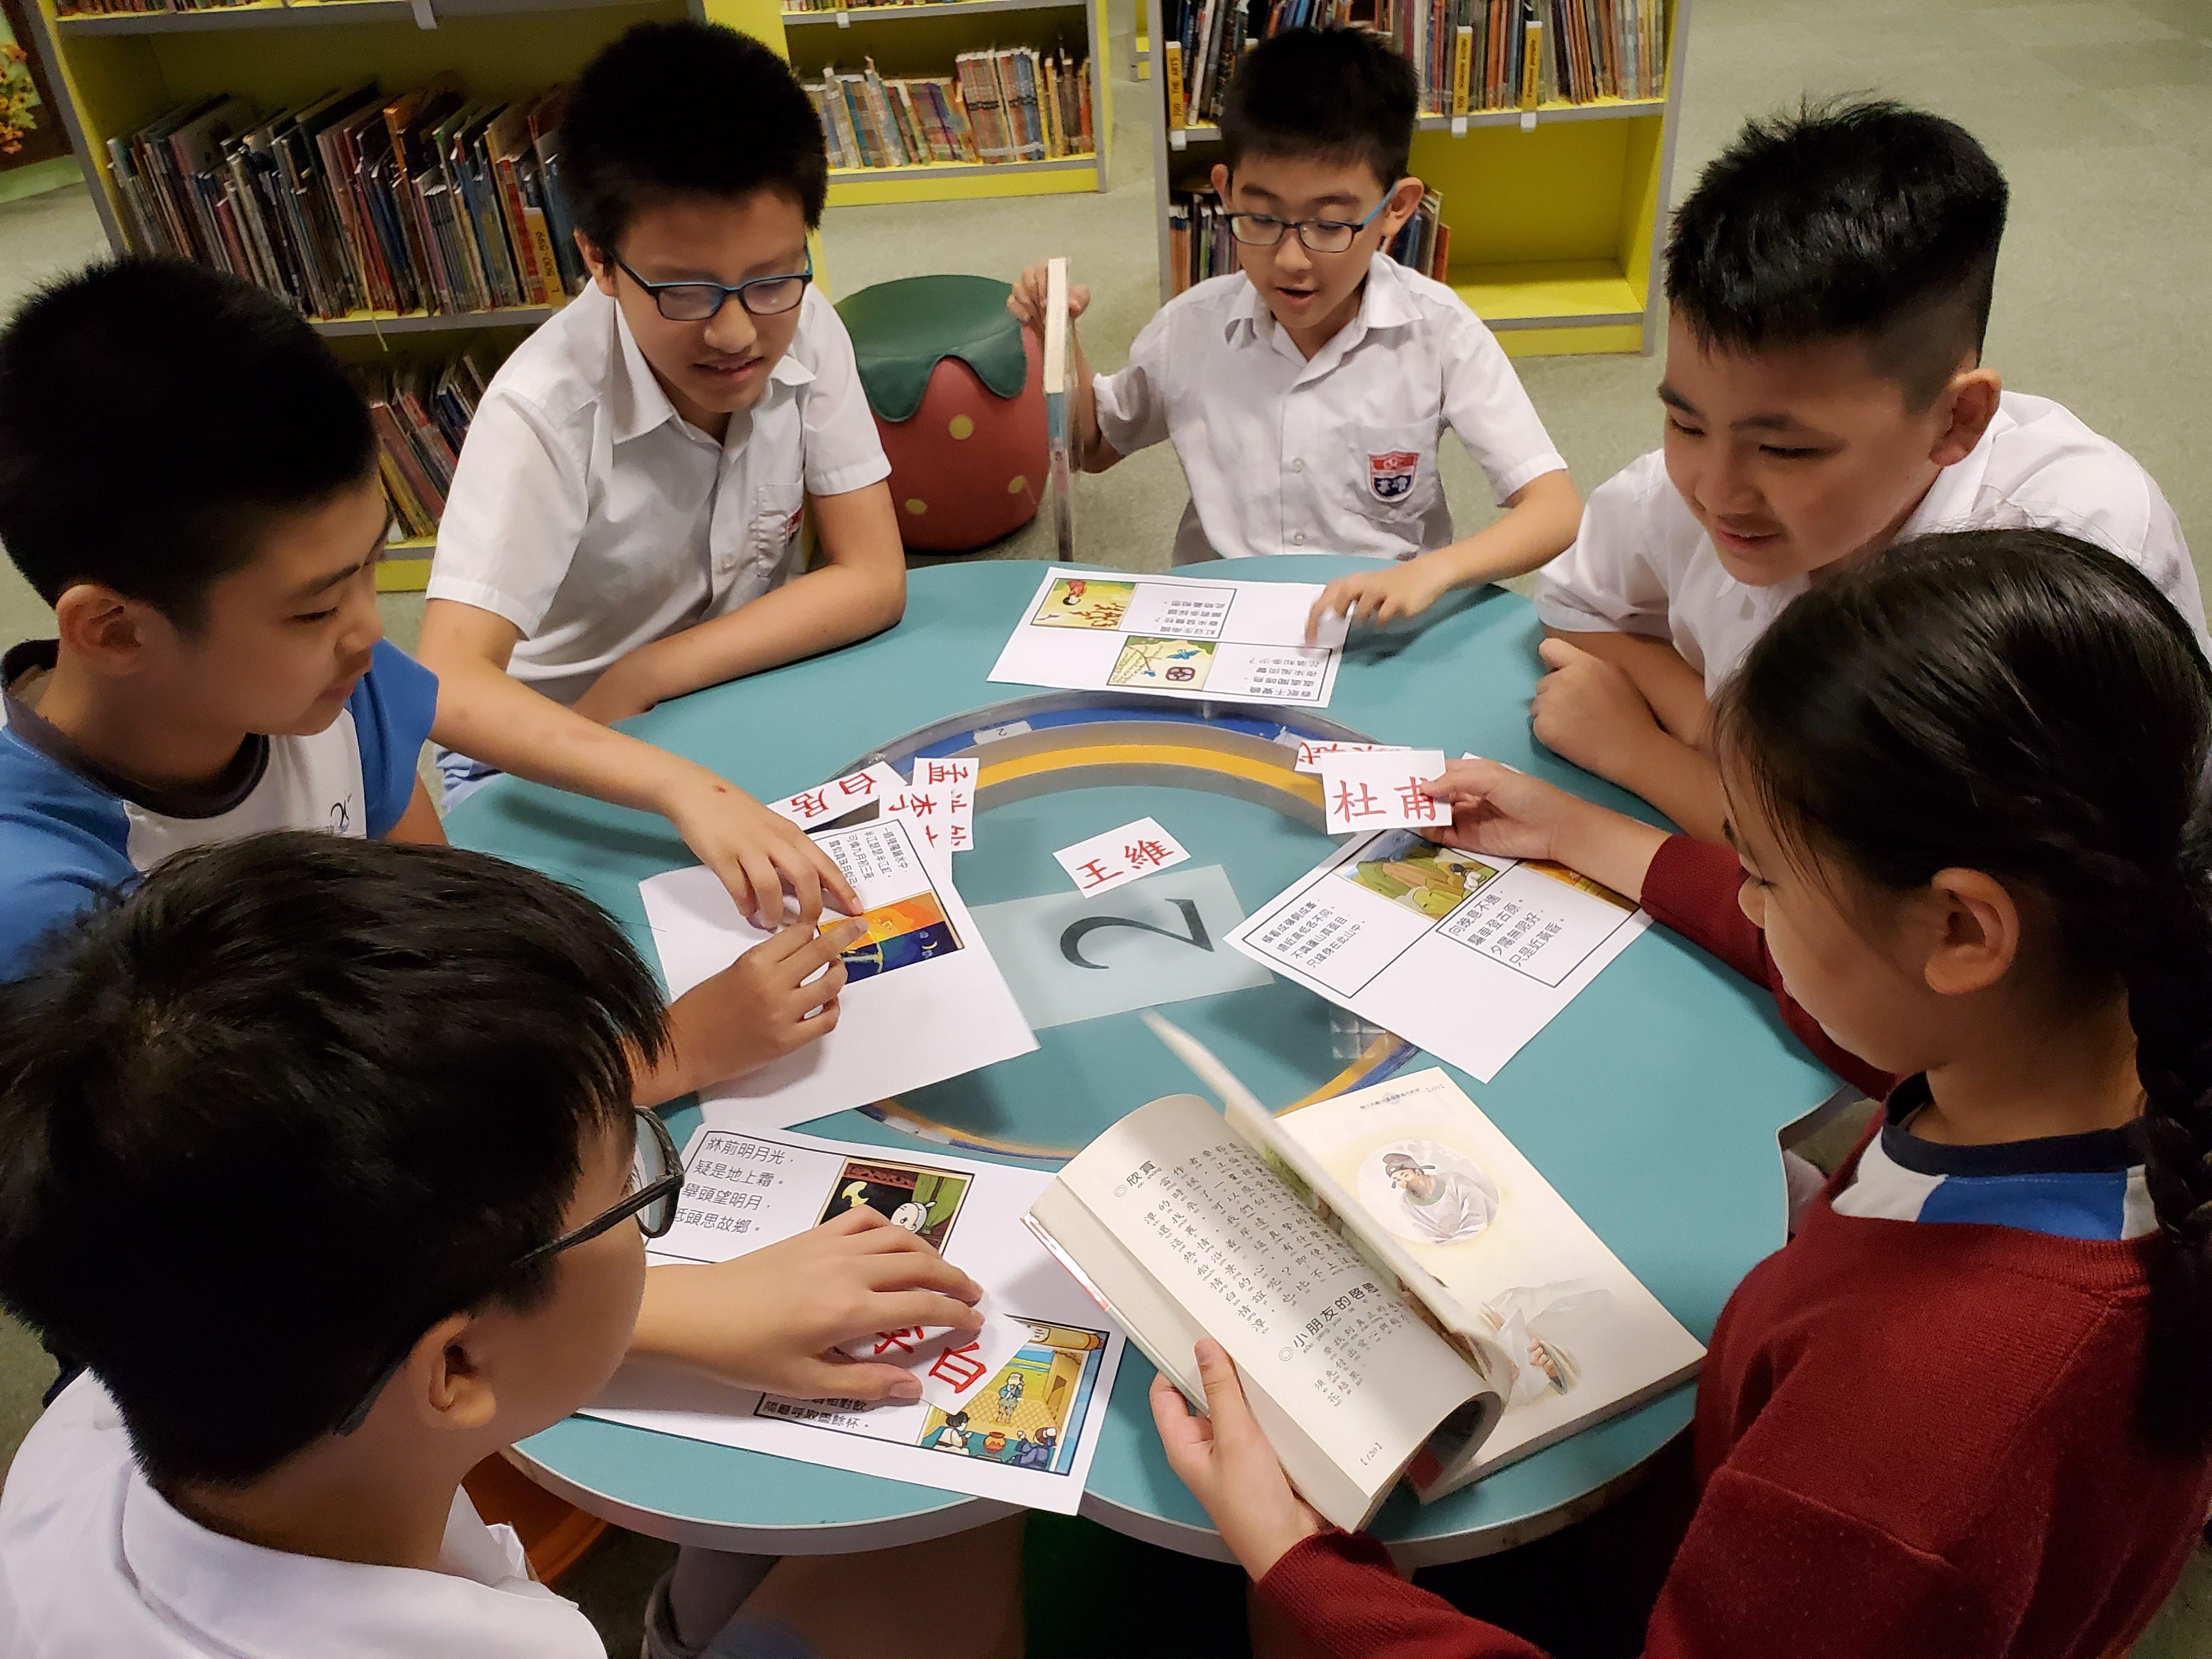 http://www.keiwan.edu.hk/sites/default/files/20191021_105458.jpg